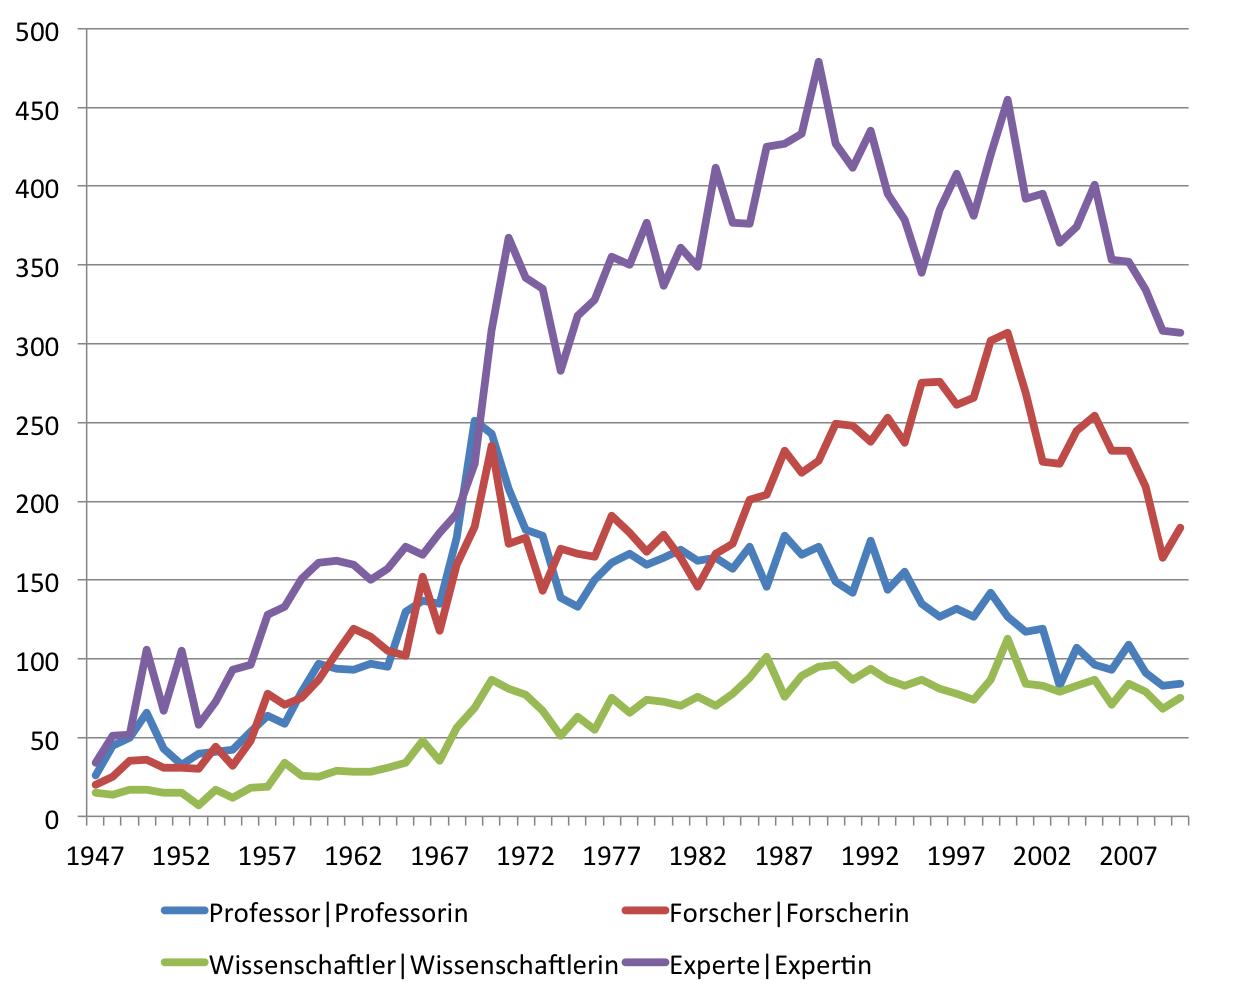 """Entwicklung der Frequenz der Komposita (Types), die mit den Wörter """"Experte"""", """"Forscher"""", """"Wissenschaftler"""" und """"Professor"""" gebildet wurden im SPIEGEL (print) von 1947-2010."""